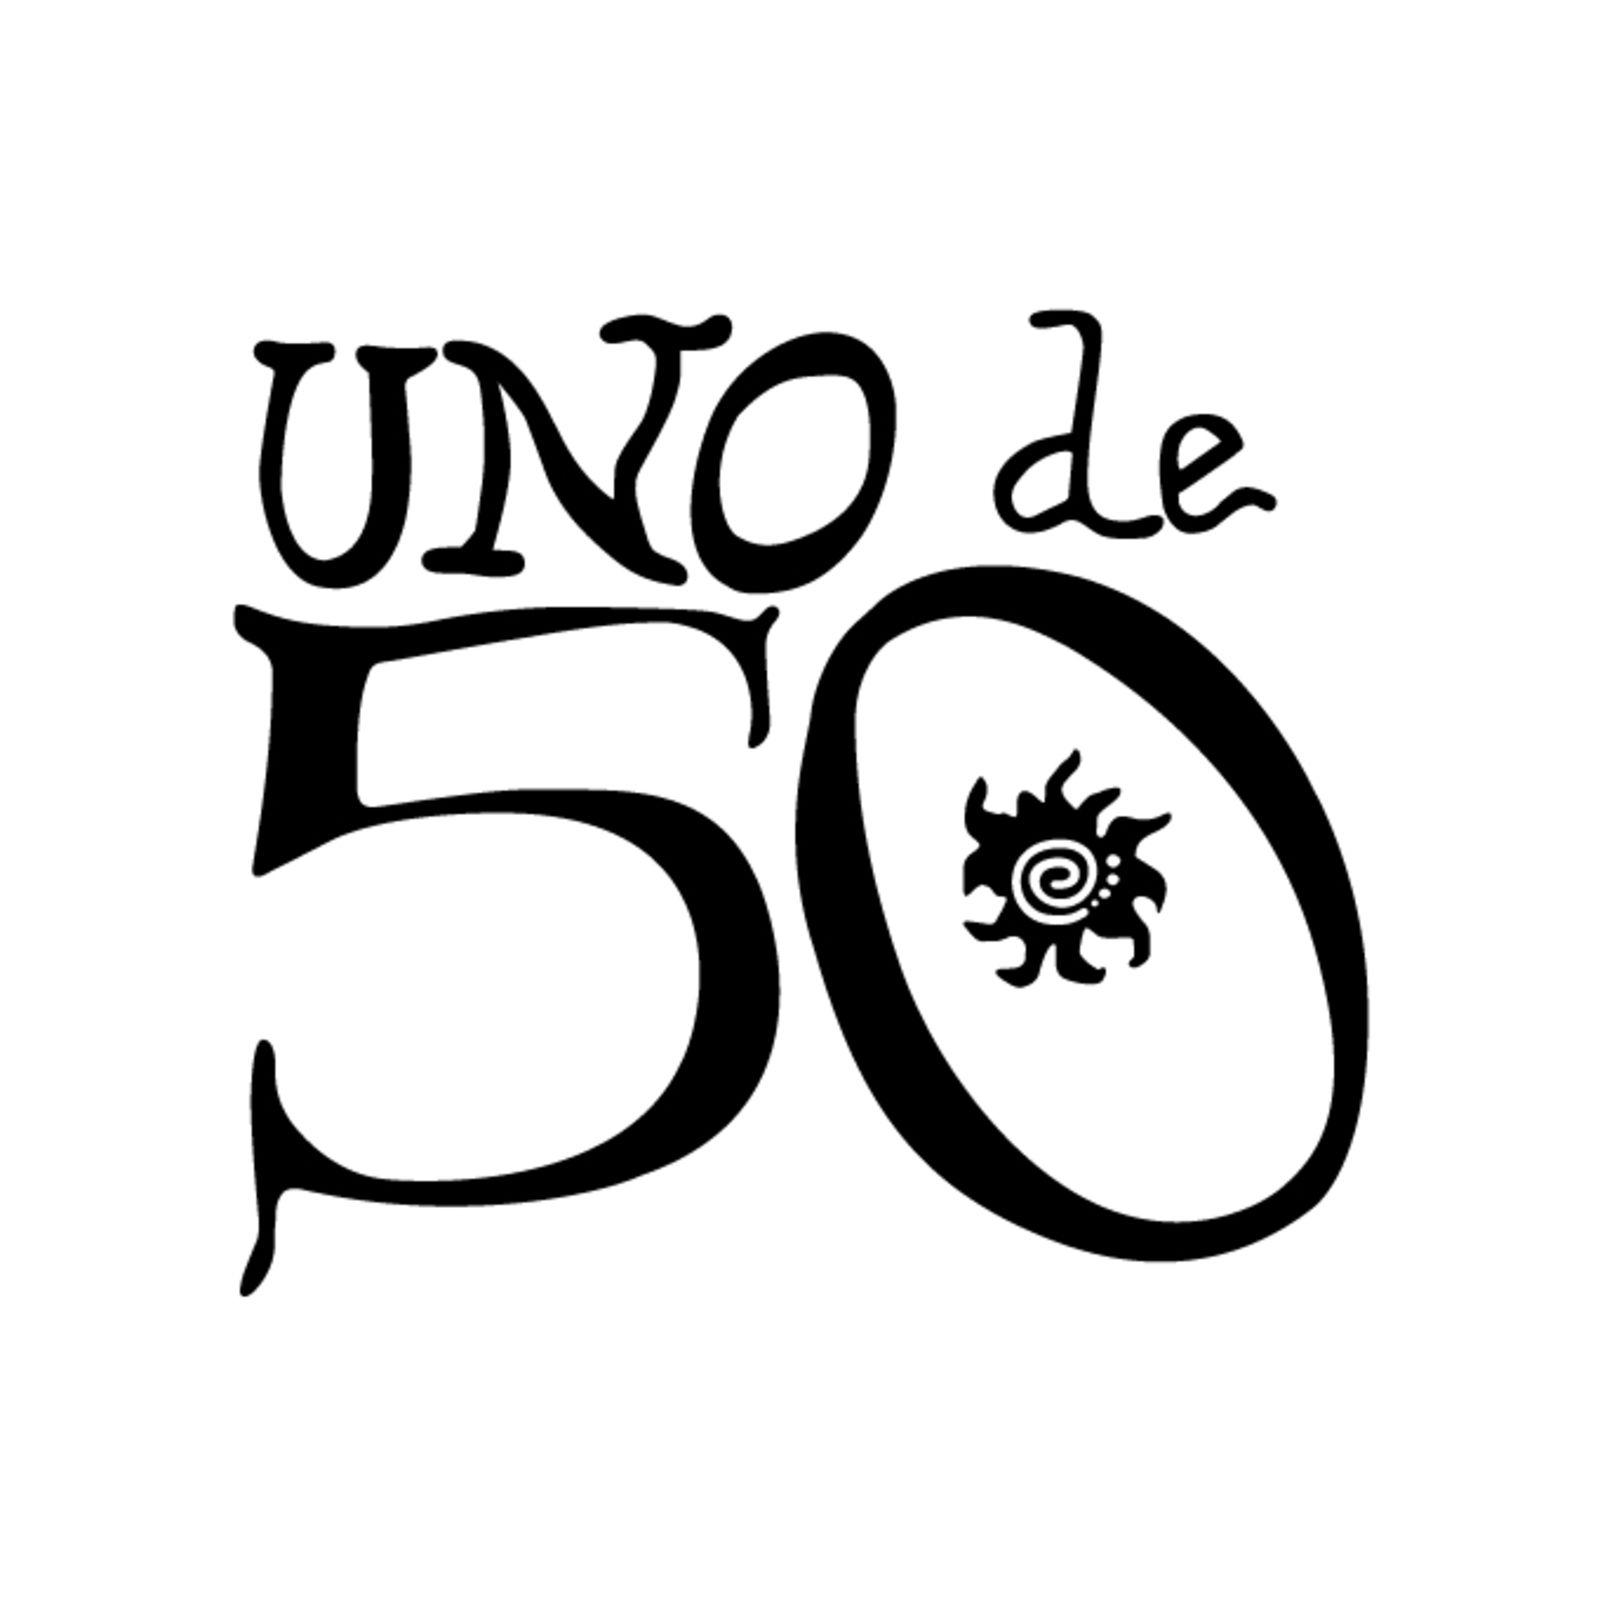 UNO de 50 (Bild 1)